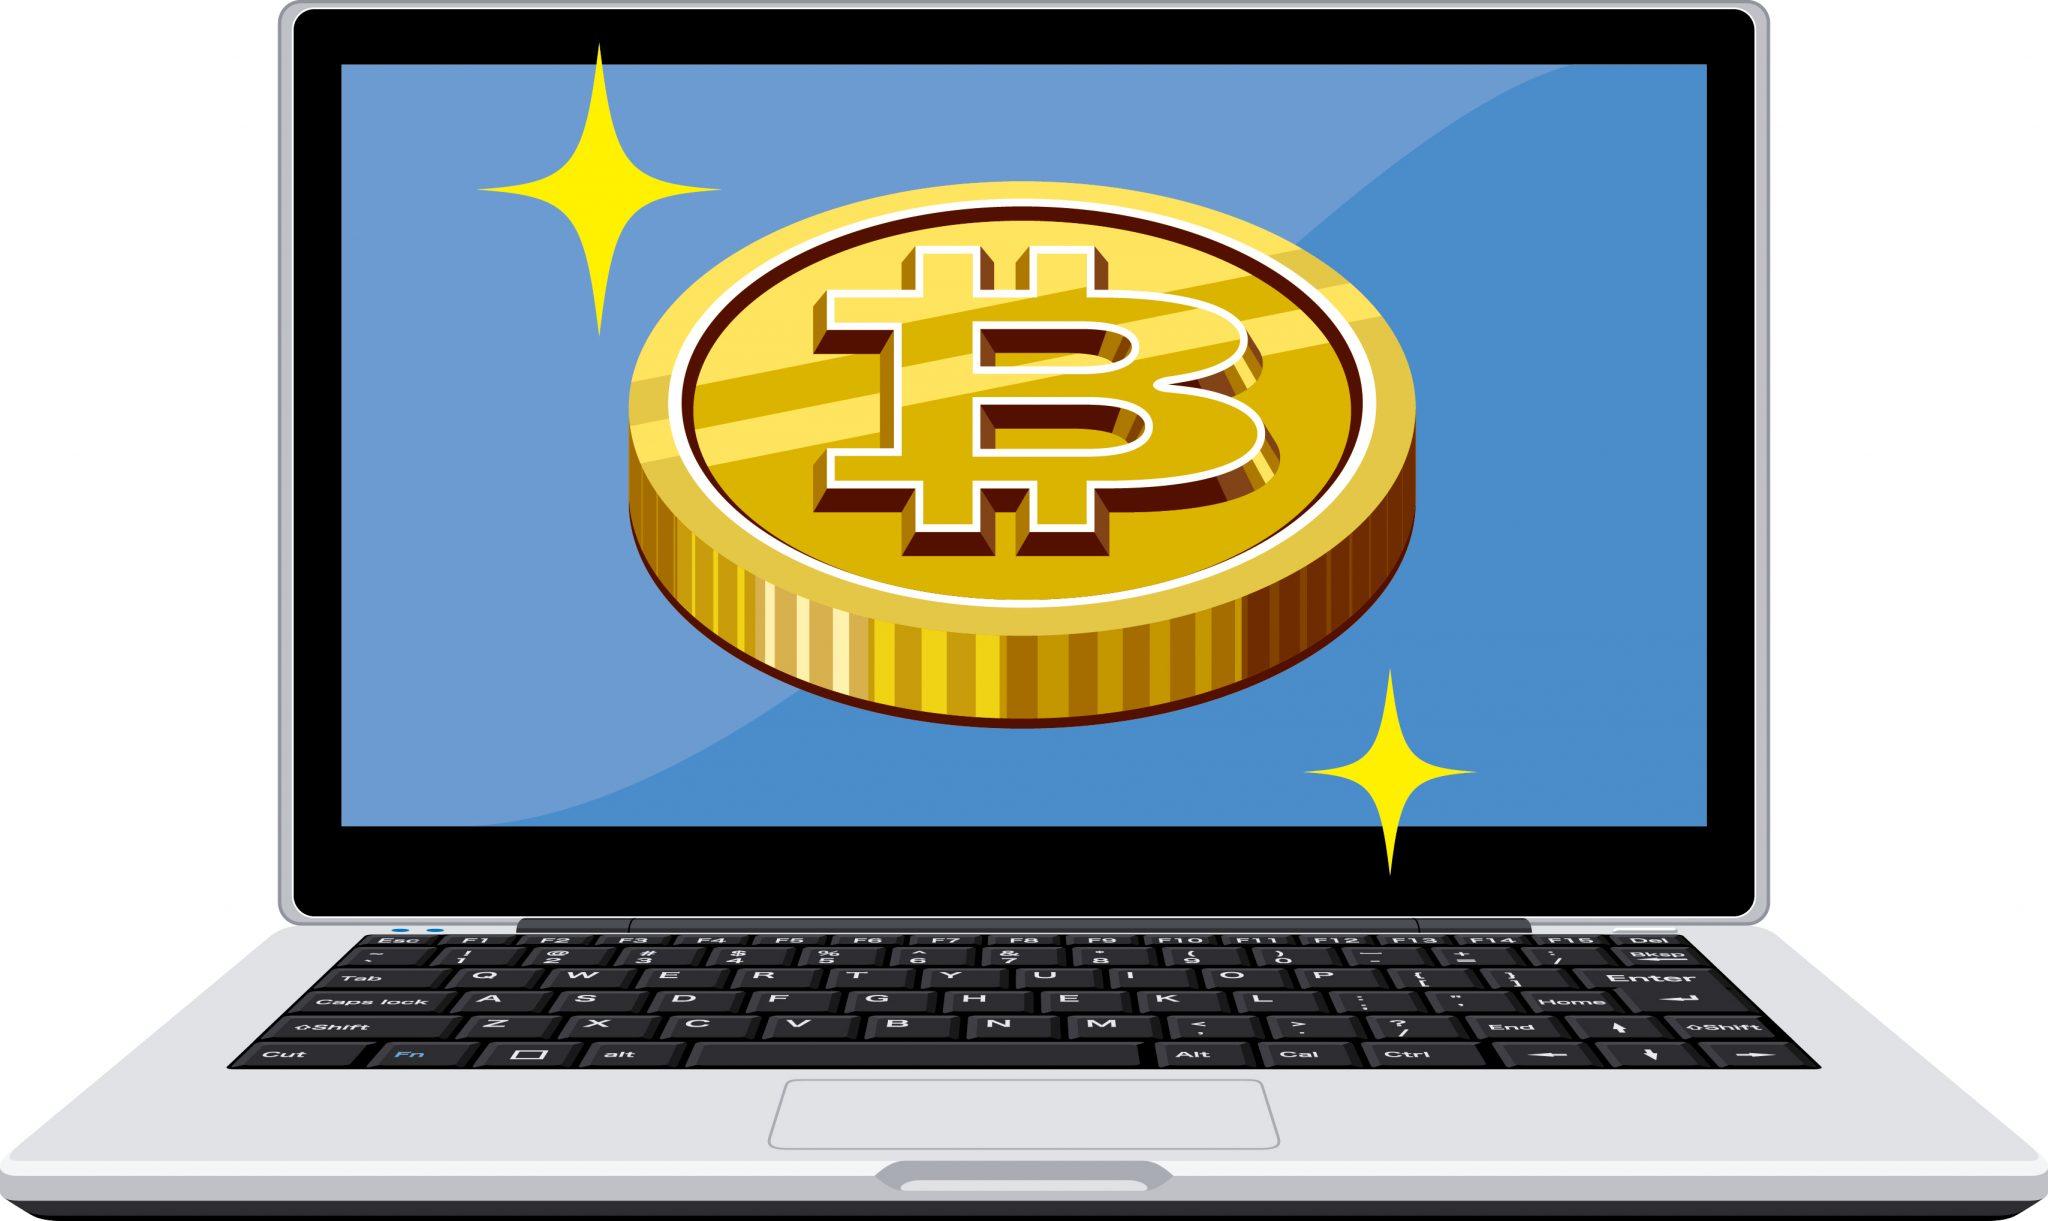 ビットコインについて初心者にわかりやすく解説